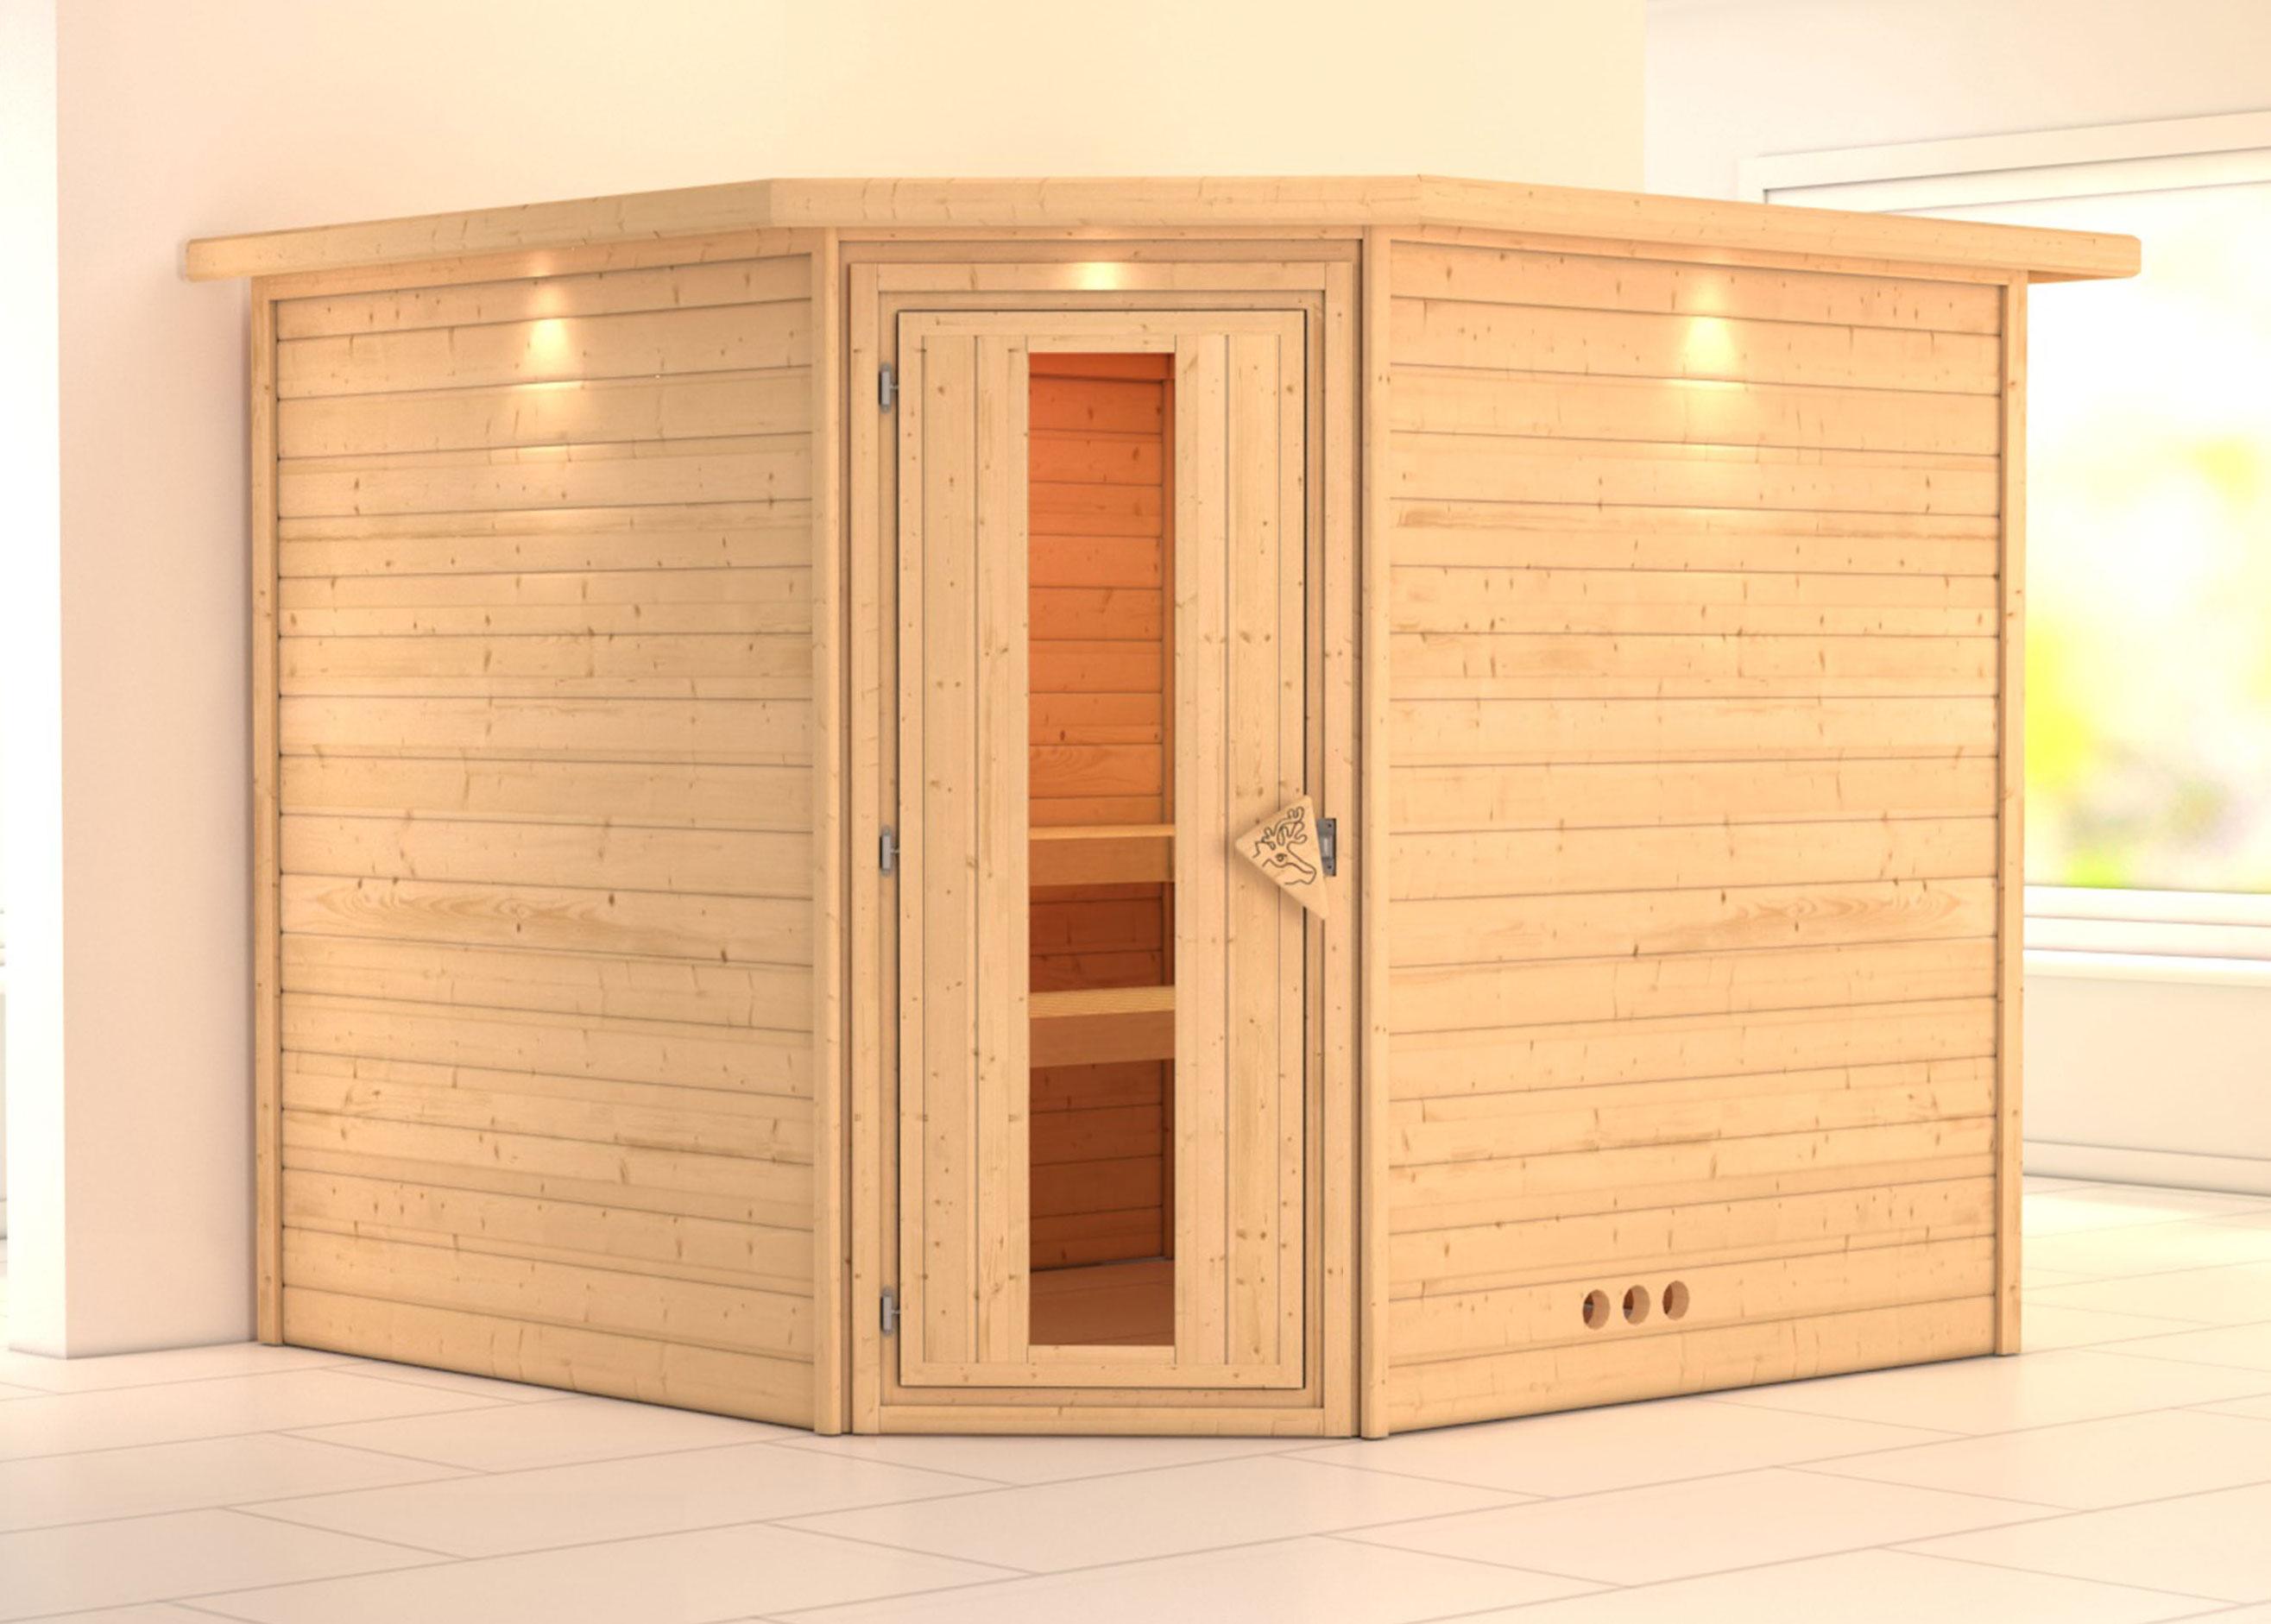 massivholzsauna ecksauna leona esp 38mm mit dachkranz ohne saunaofen bei. Black Bedroom Furniture Sets. Home Design Ideas